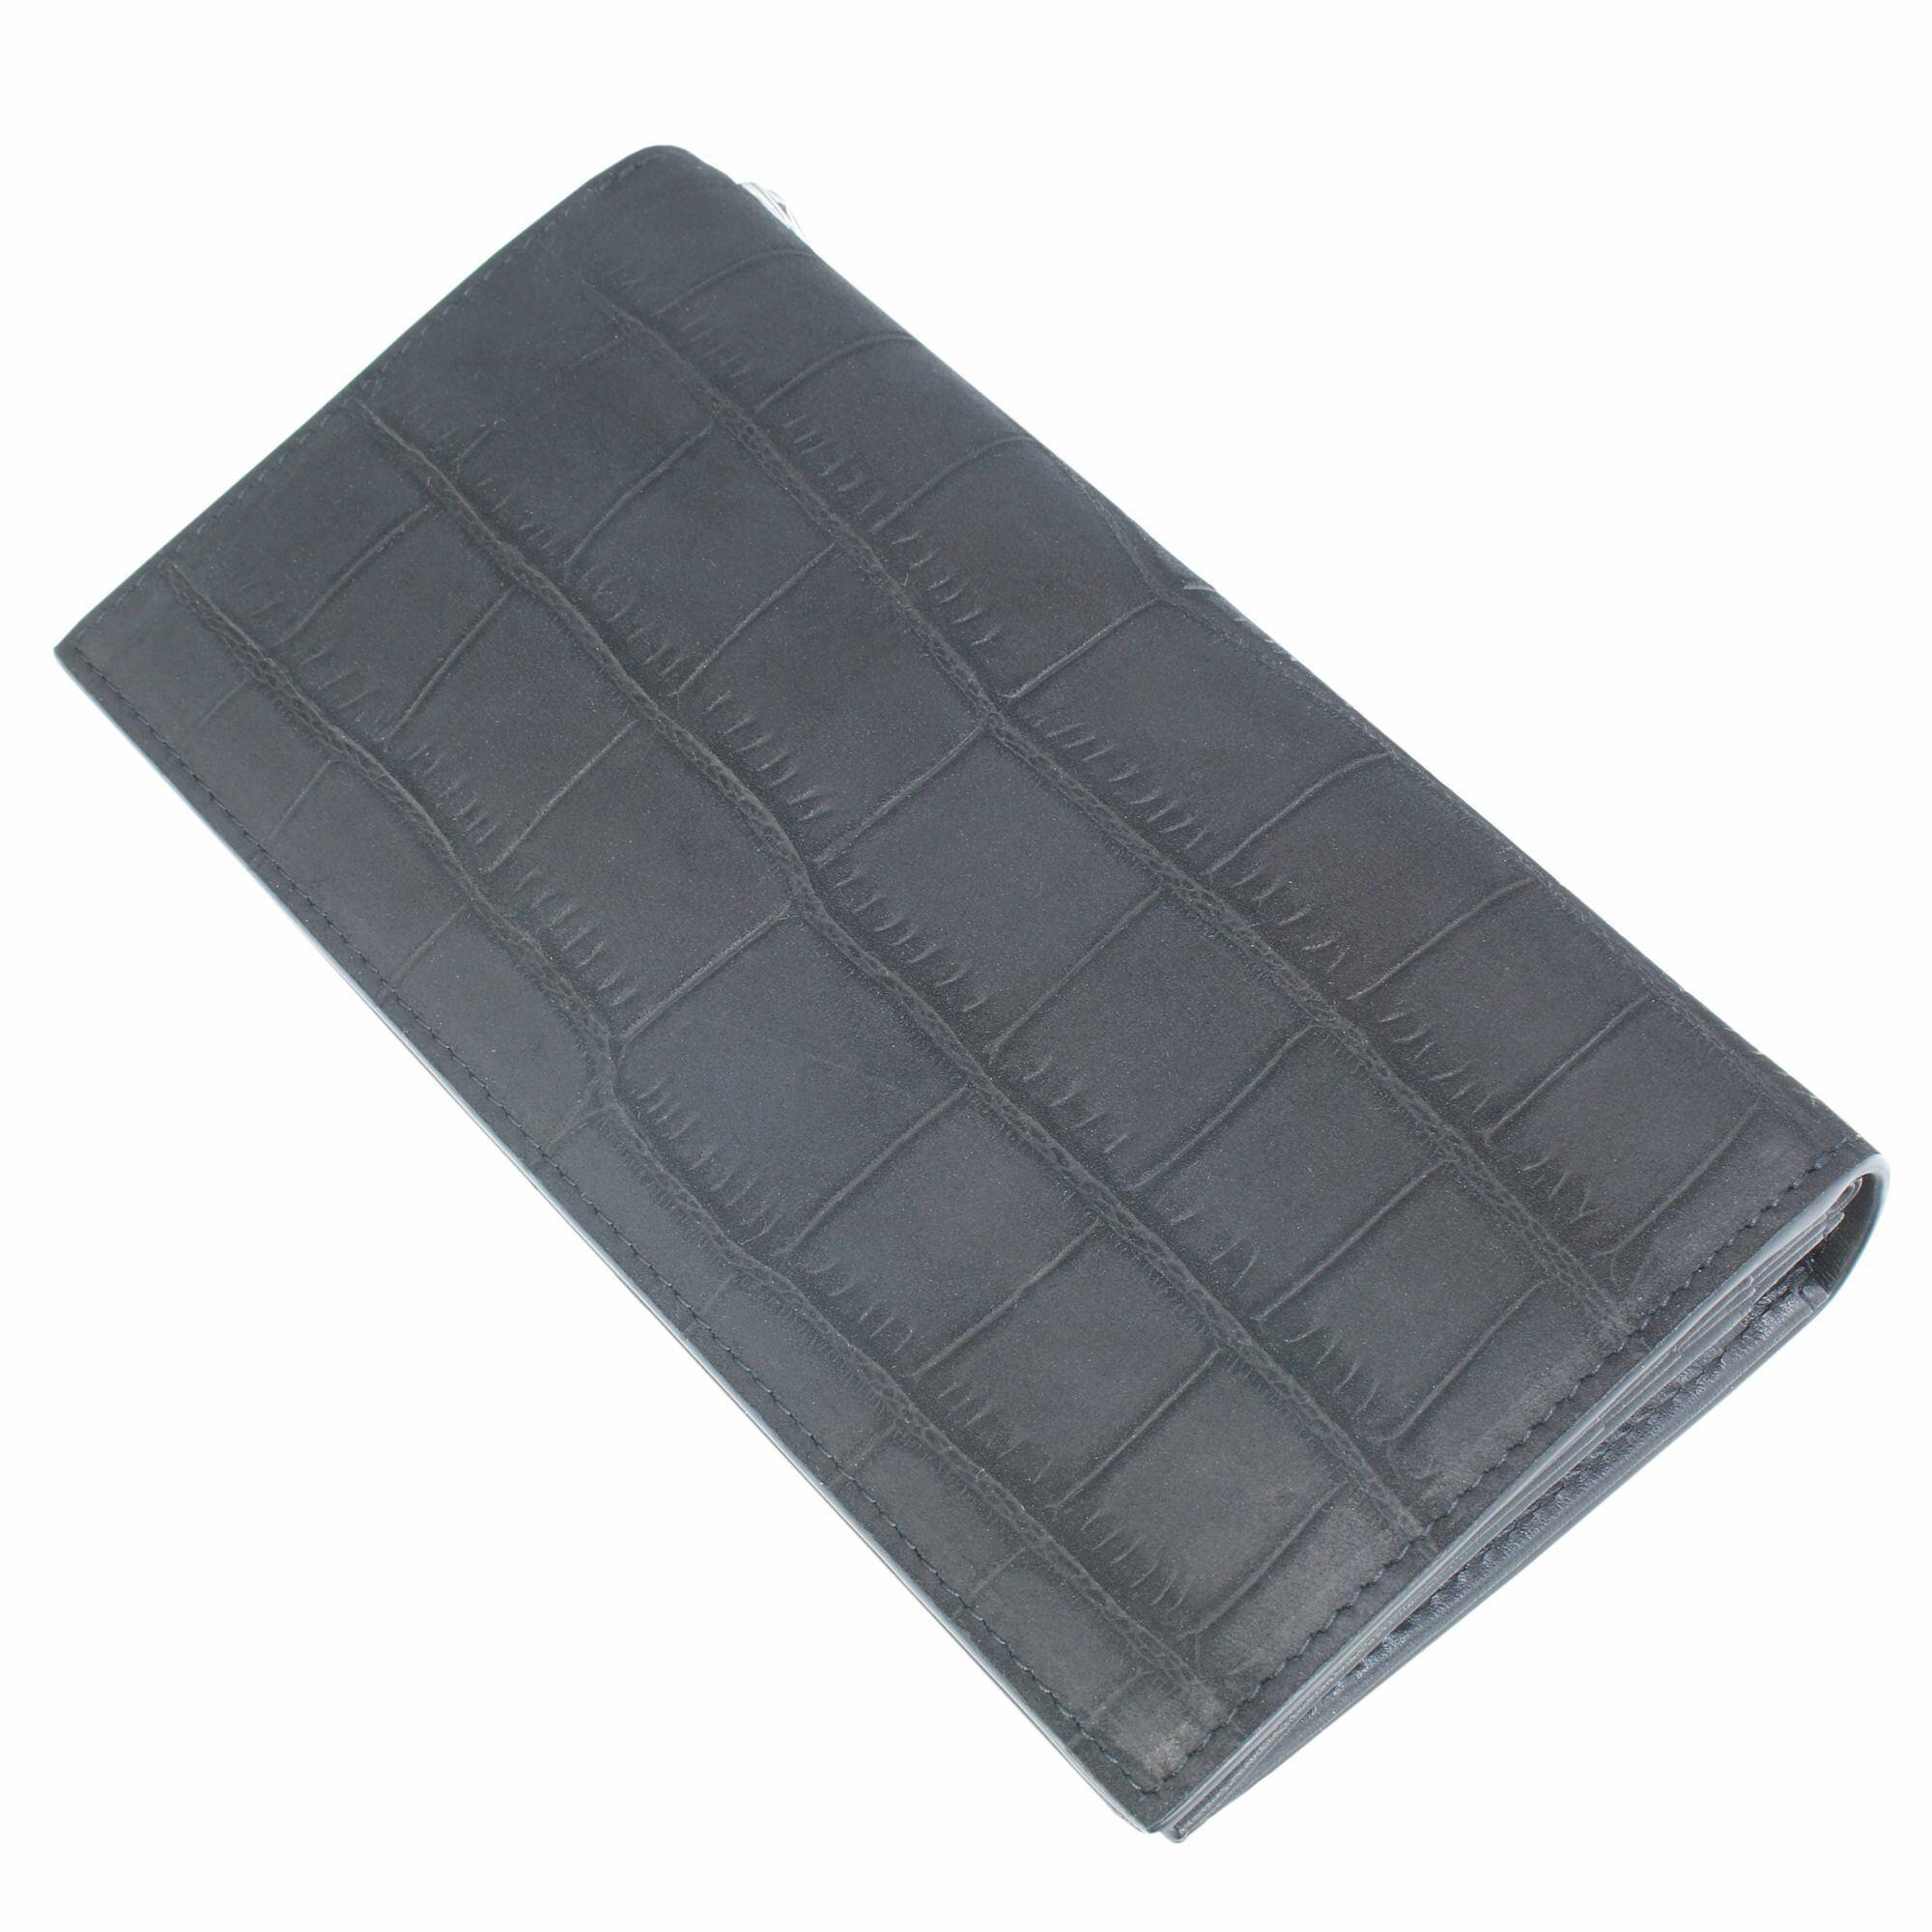 ロングウォレットヌバッククロコスタイル ACW0005 Long wallet nubuck crocodile style